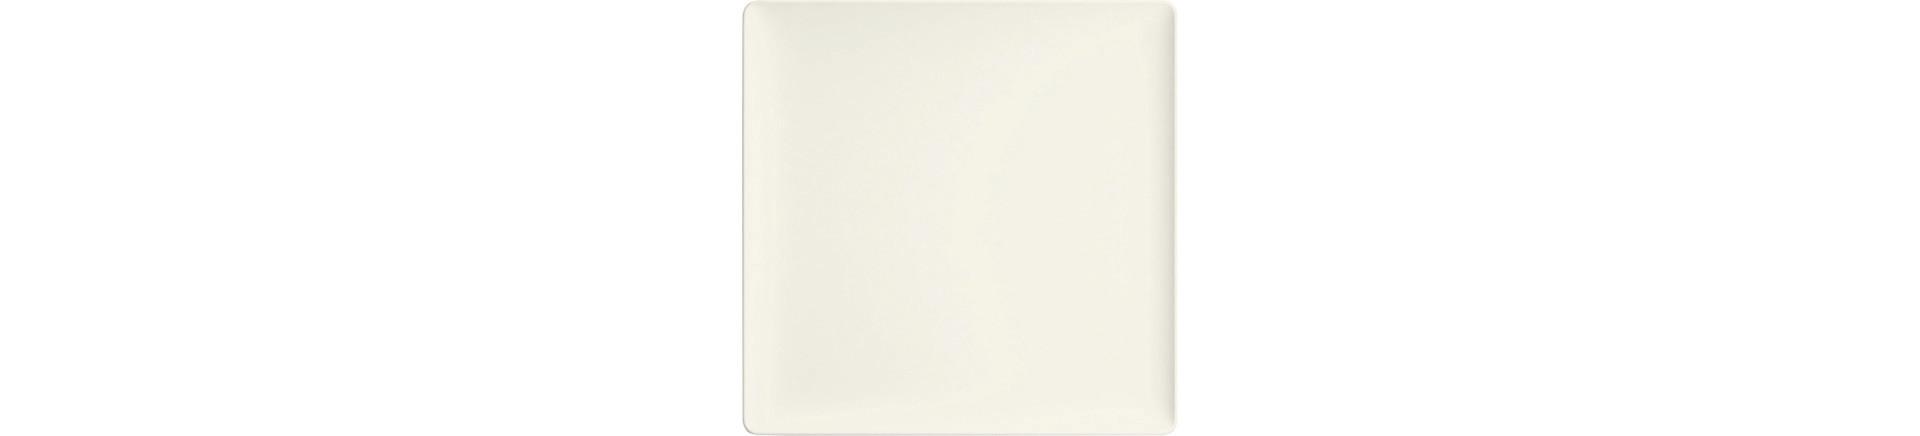 Purity, Coupteller flach quadratisch 88 x 88 mm